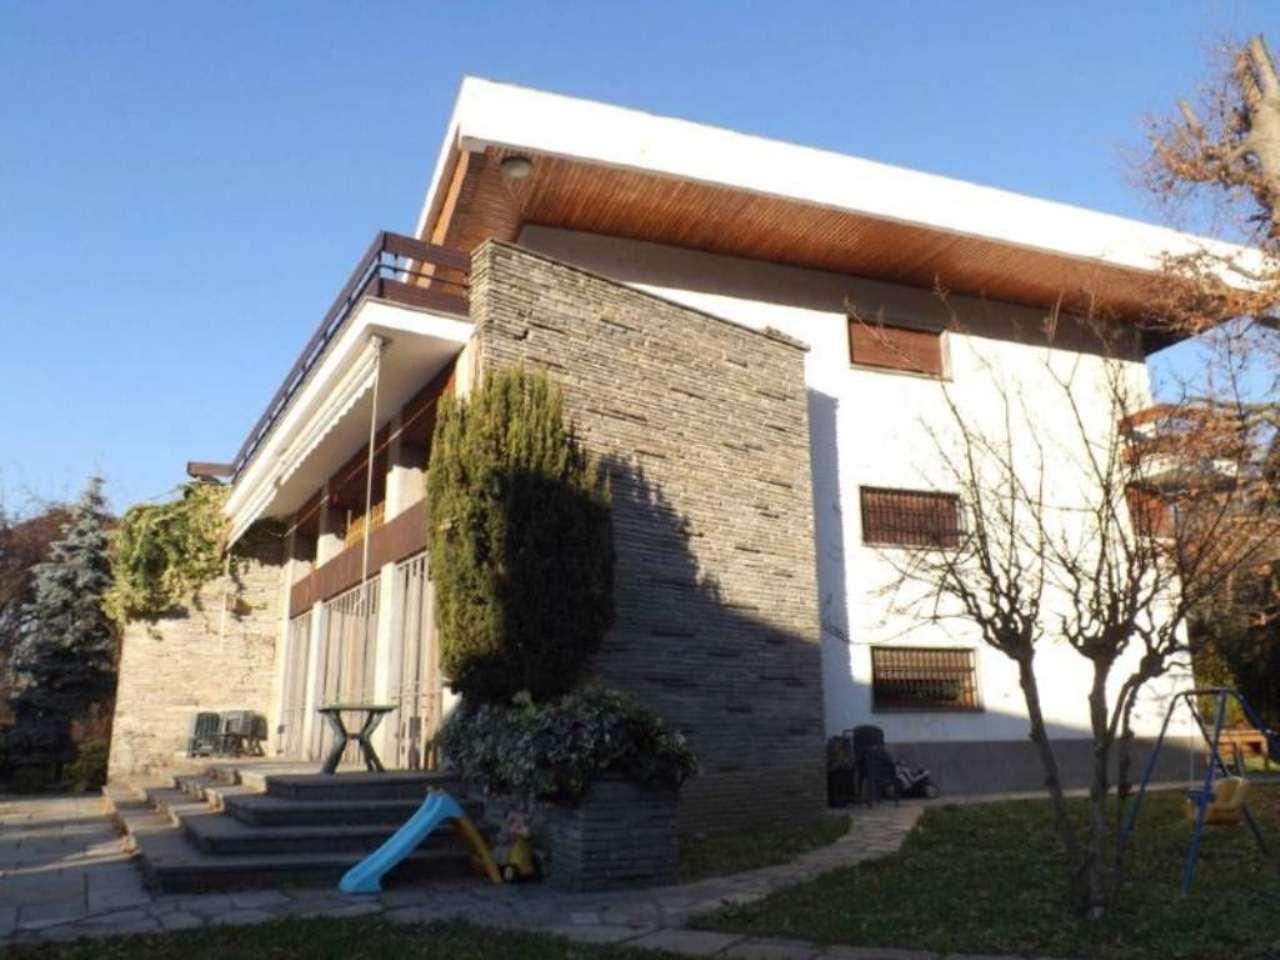 Villa in vendita a Torino, 9999 locali, zona Zona: 5 . Collina, Precollina, Crimea, Borgo Po, Granmadre, Madonna del Pilone, prezzo € 690.000 | Cambio Casa.it